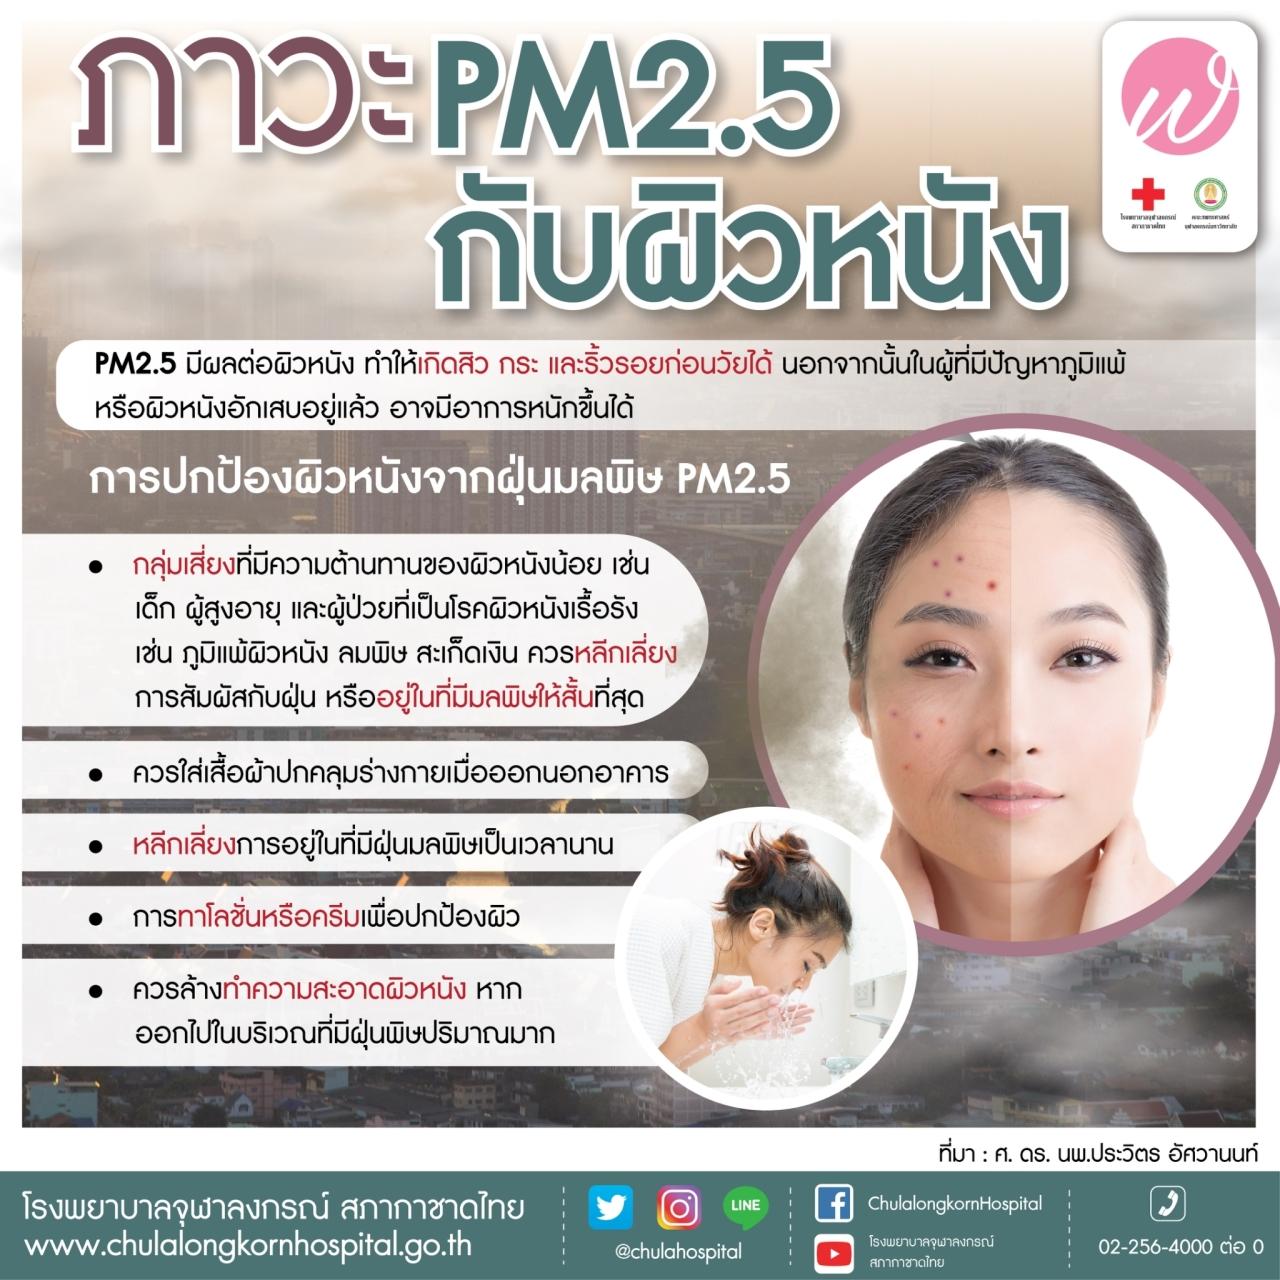 ภาวะ PM2.5 กับผิวหนัง